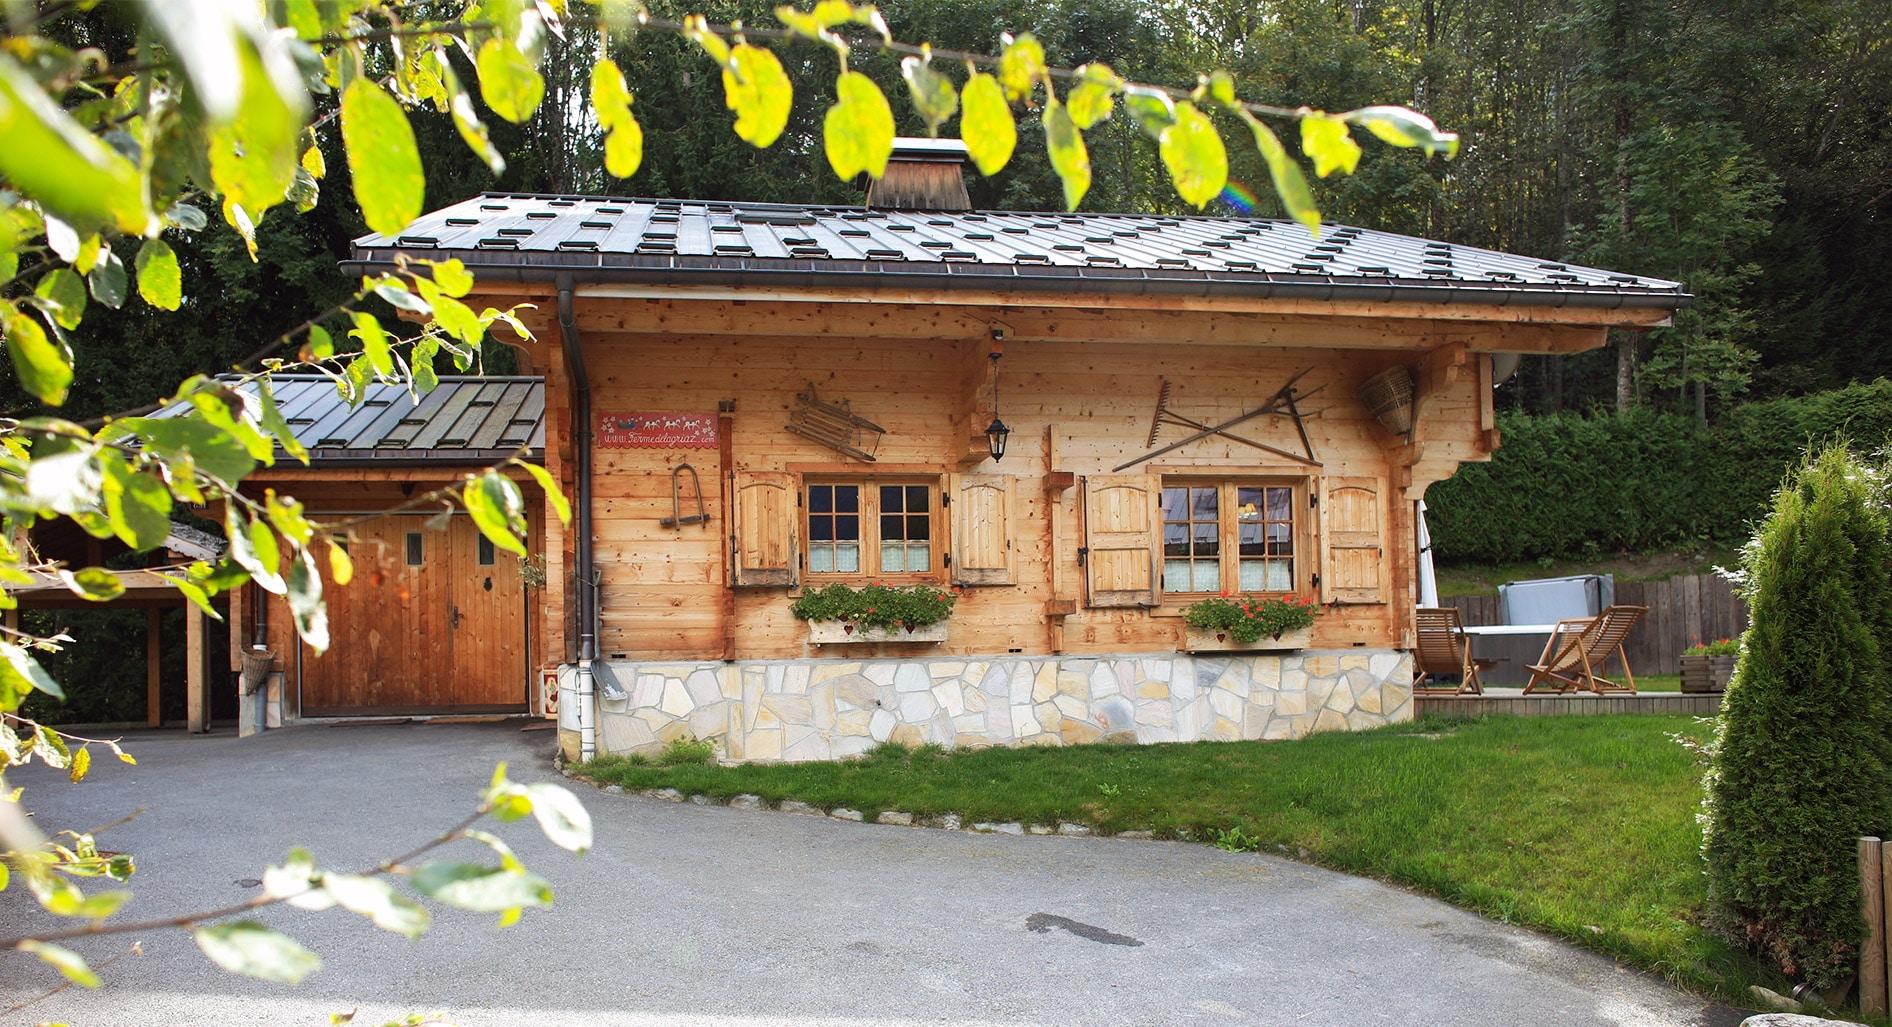 location d'un chalet de vacances à la montagne près de Chamonix